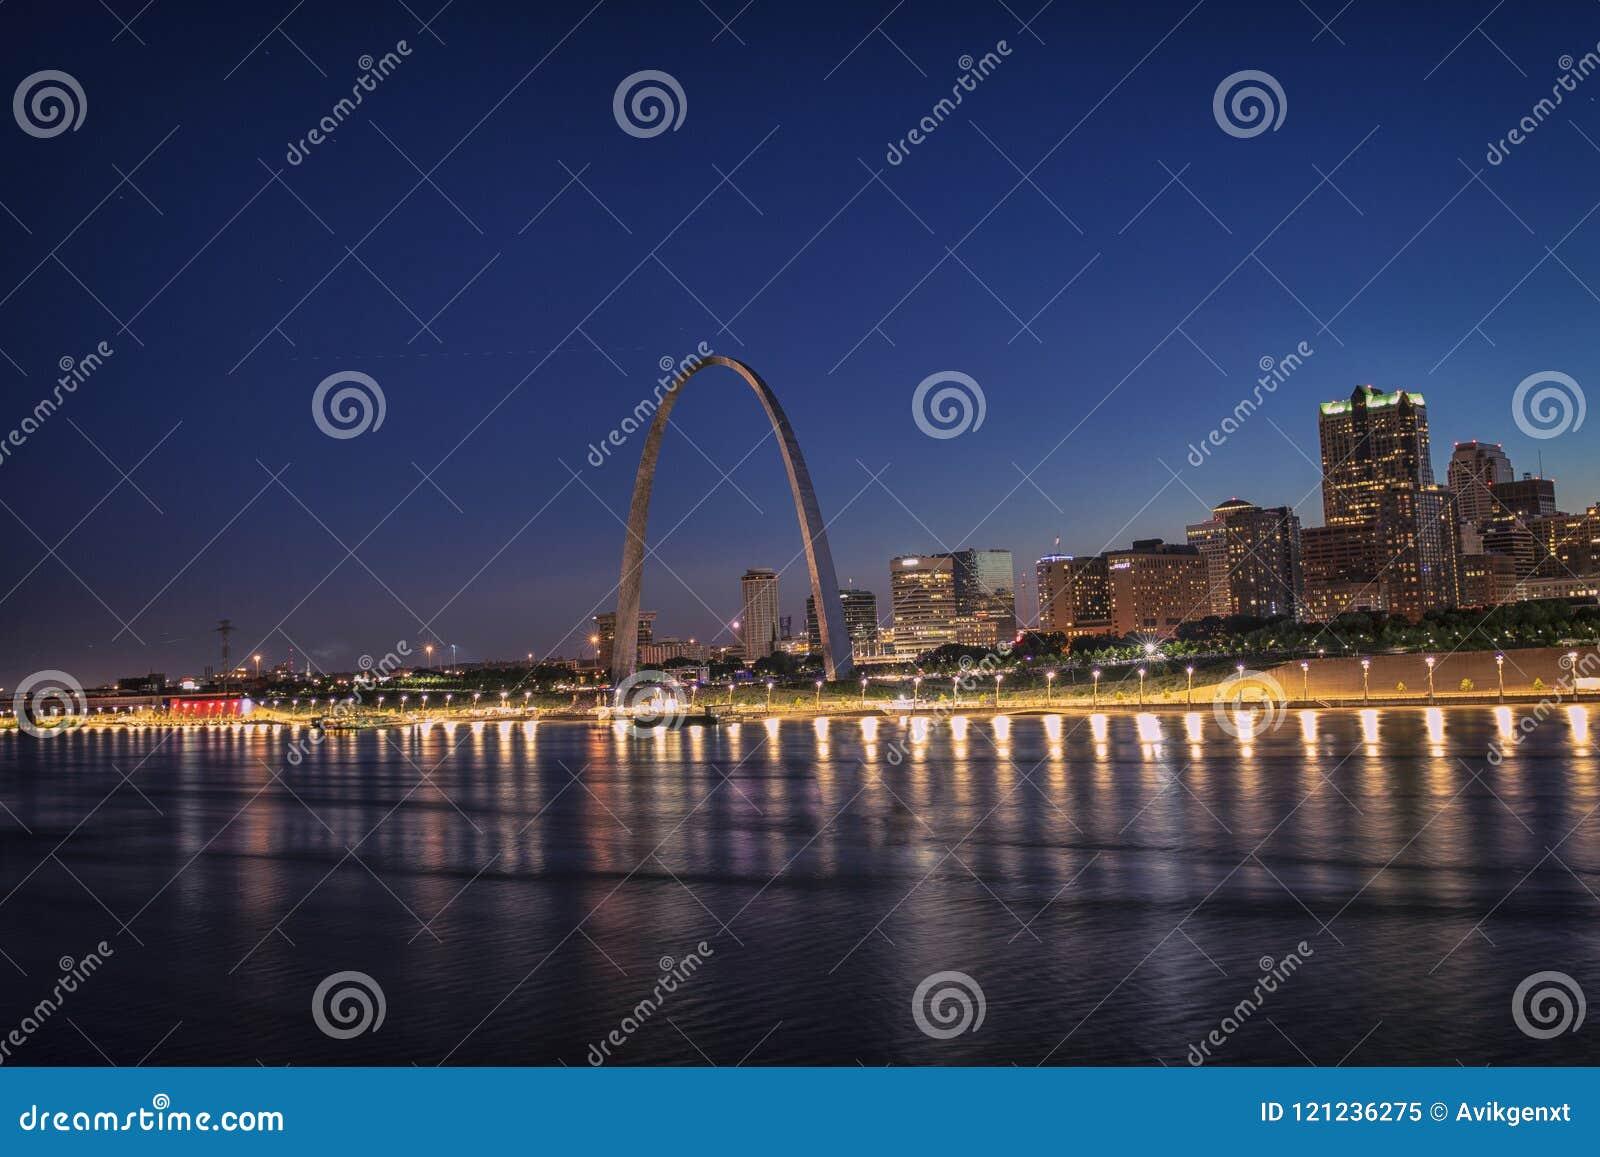 Horizonte de St. Louis con el arco de la entrada, St. Louis, MES, los E.E.U.U.